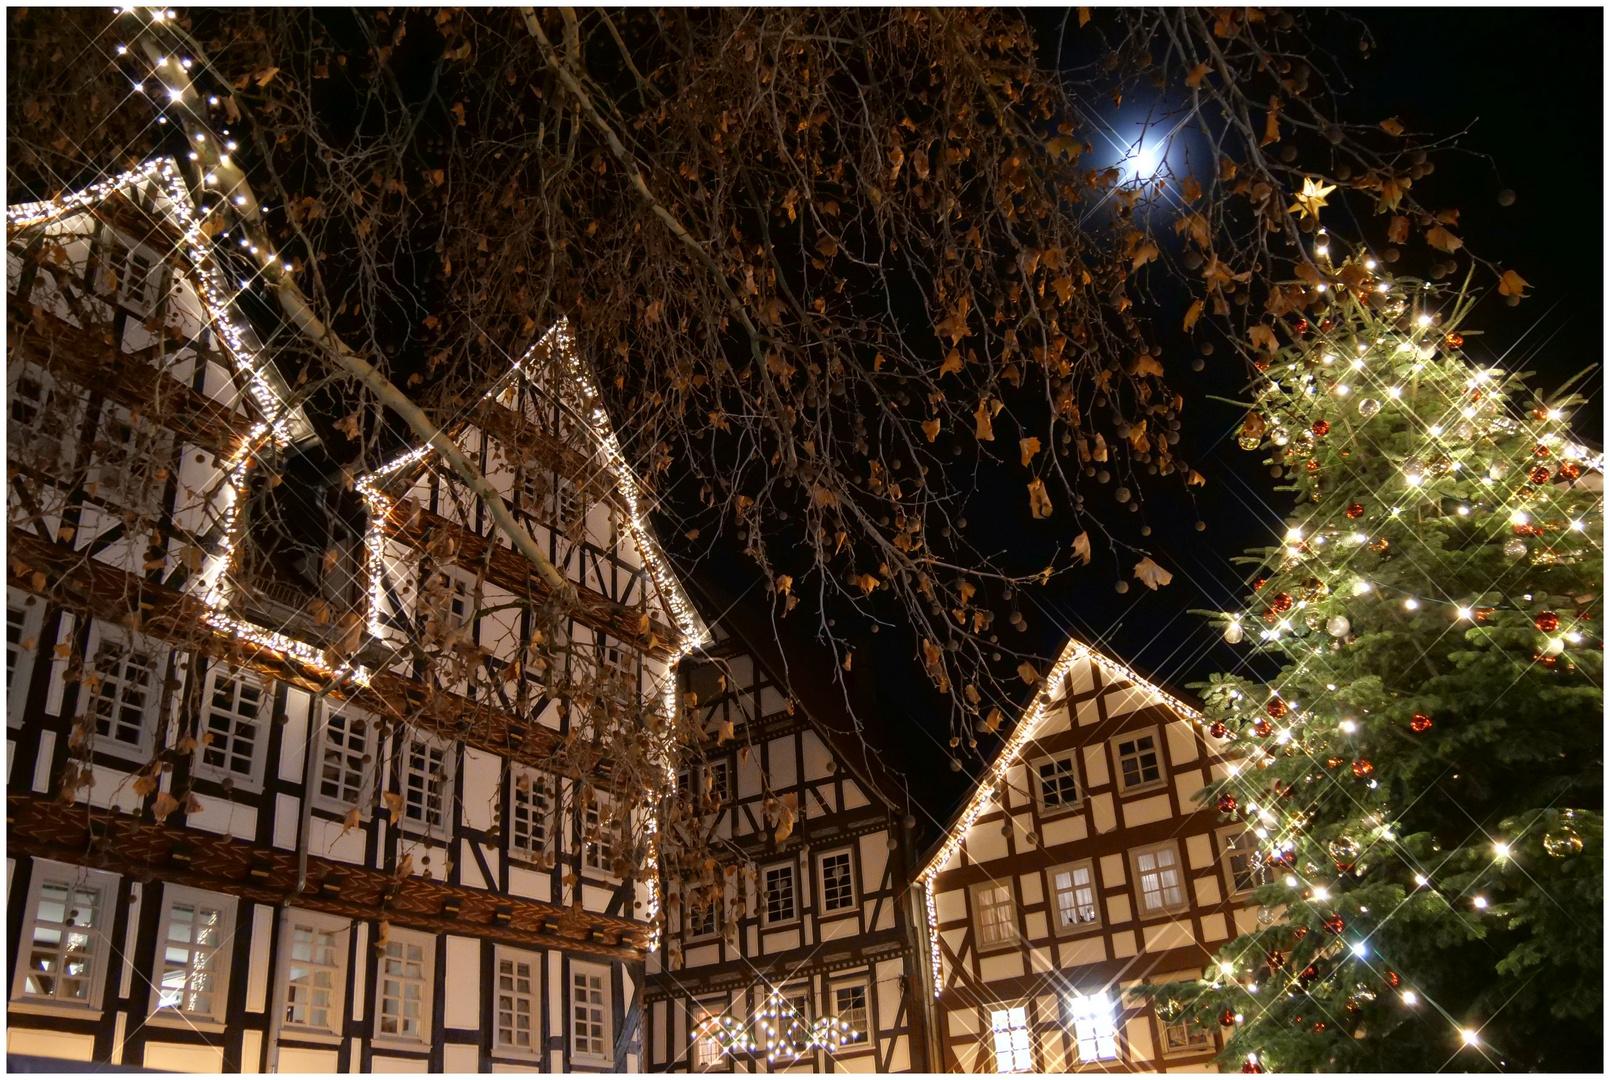 Weihnachtsmarkt Melsungen.Melsunger Weihnachtsmarkt Iv Foto Bild Winter Weihnachten